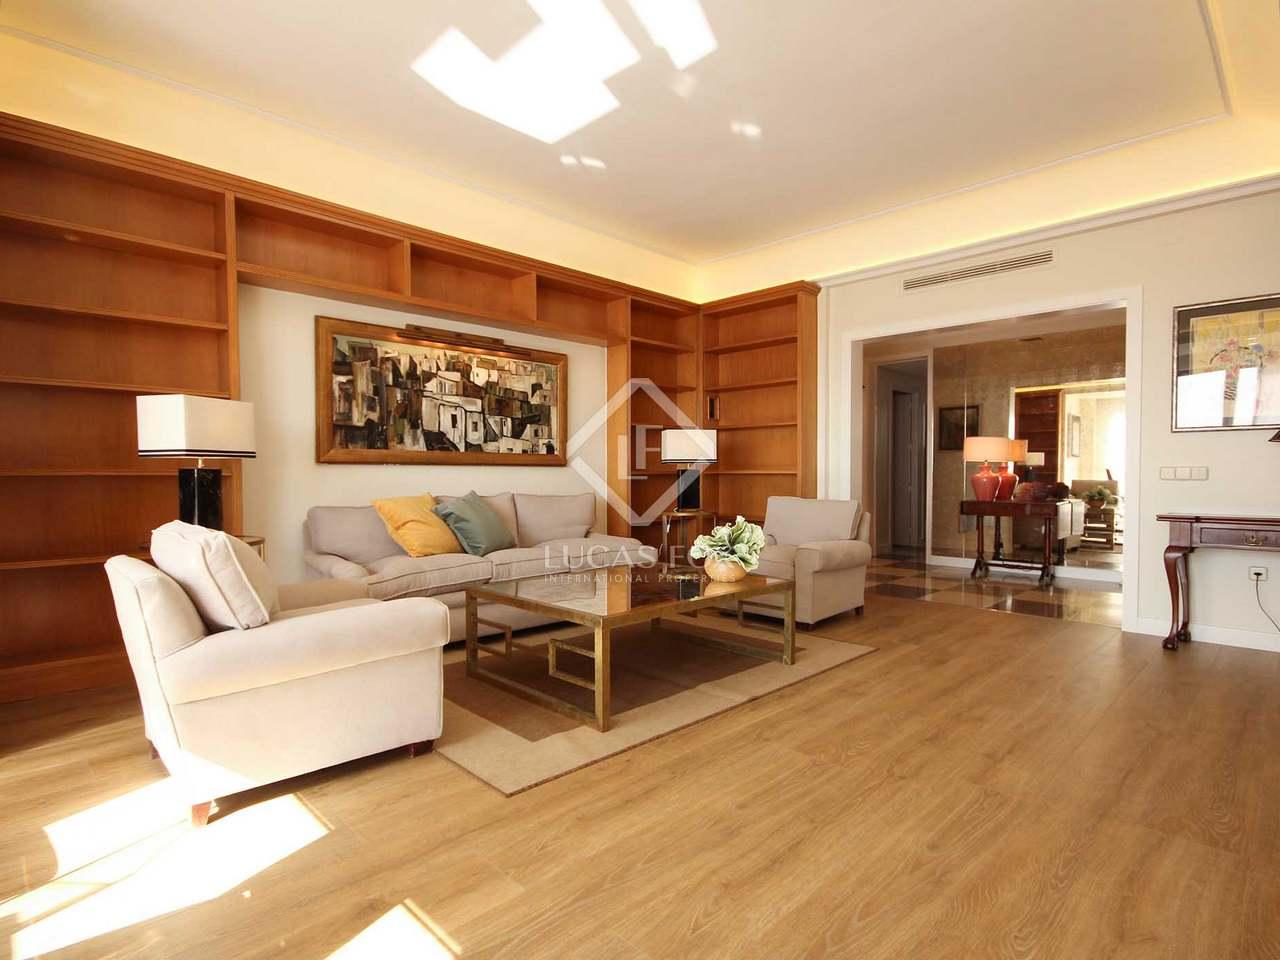 Apartamento de 115m en alquiler en almagro madrid for Alquiler de dormitorios